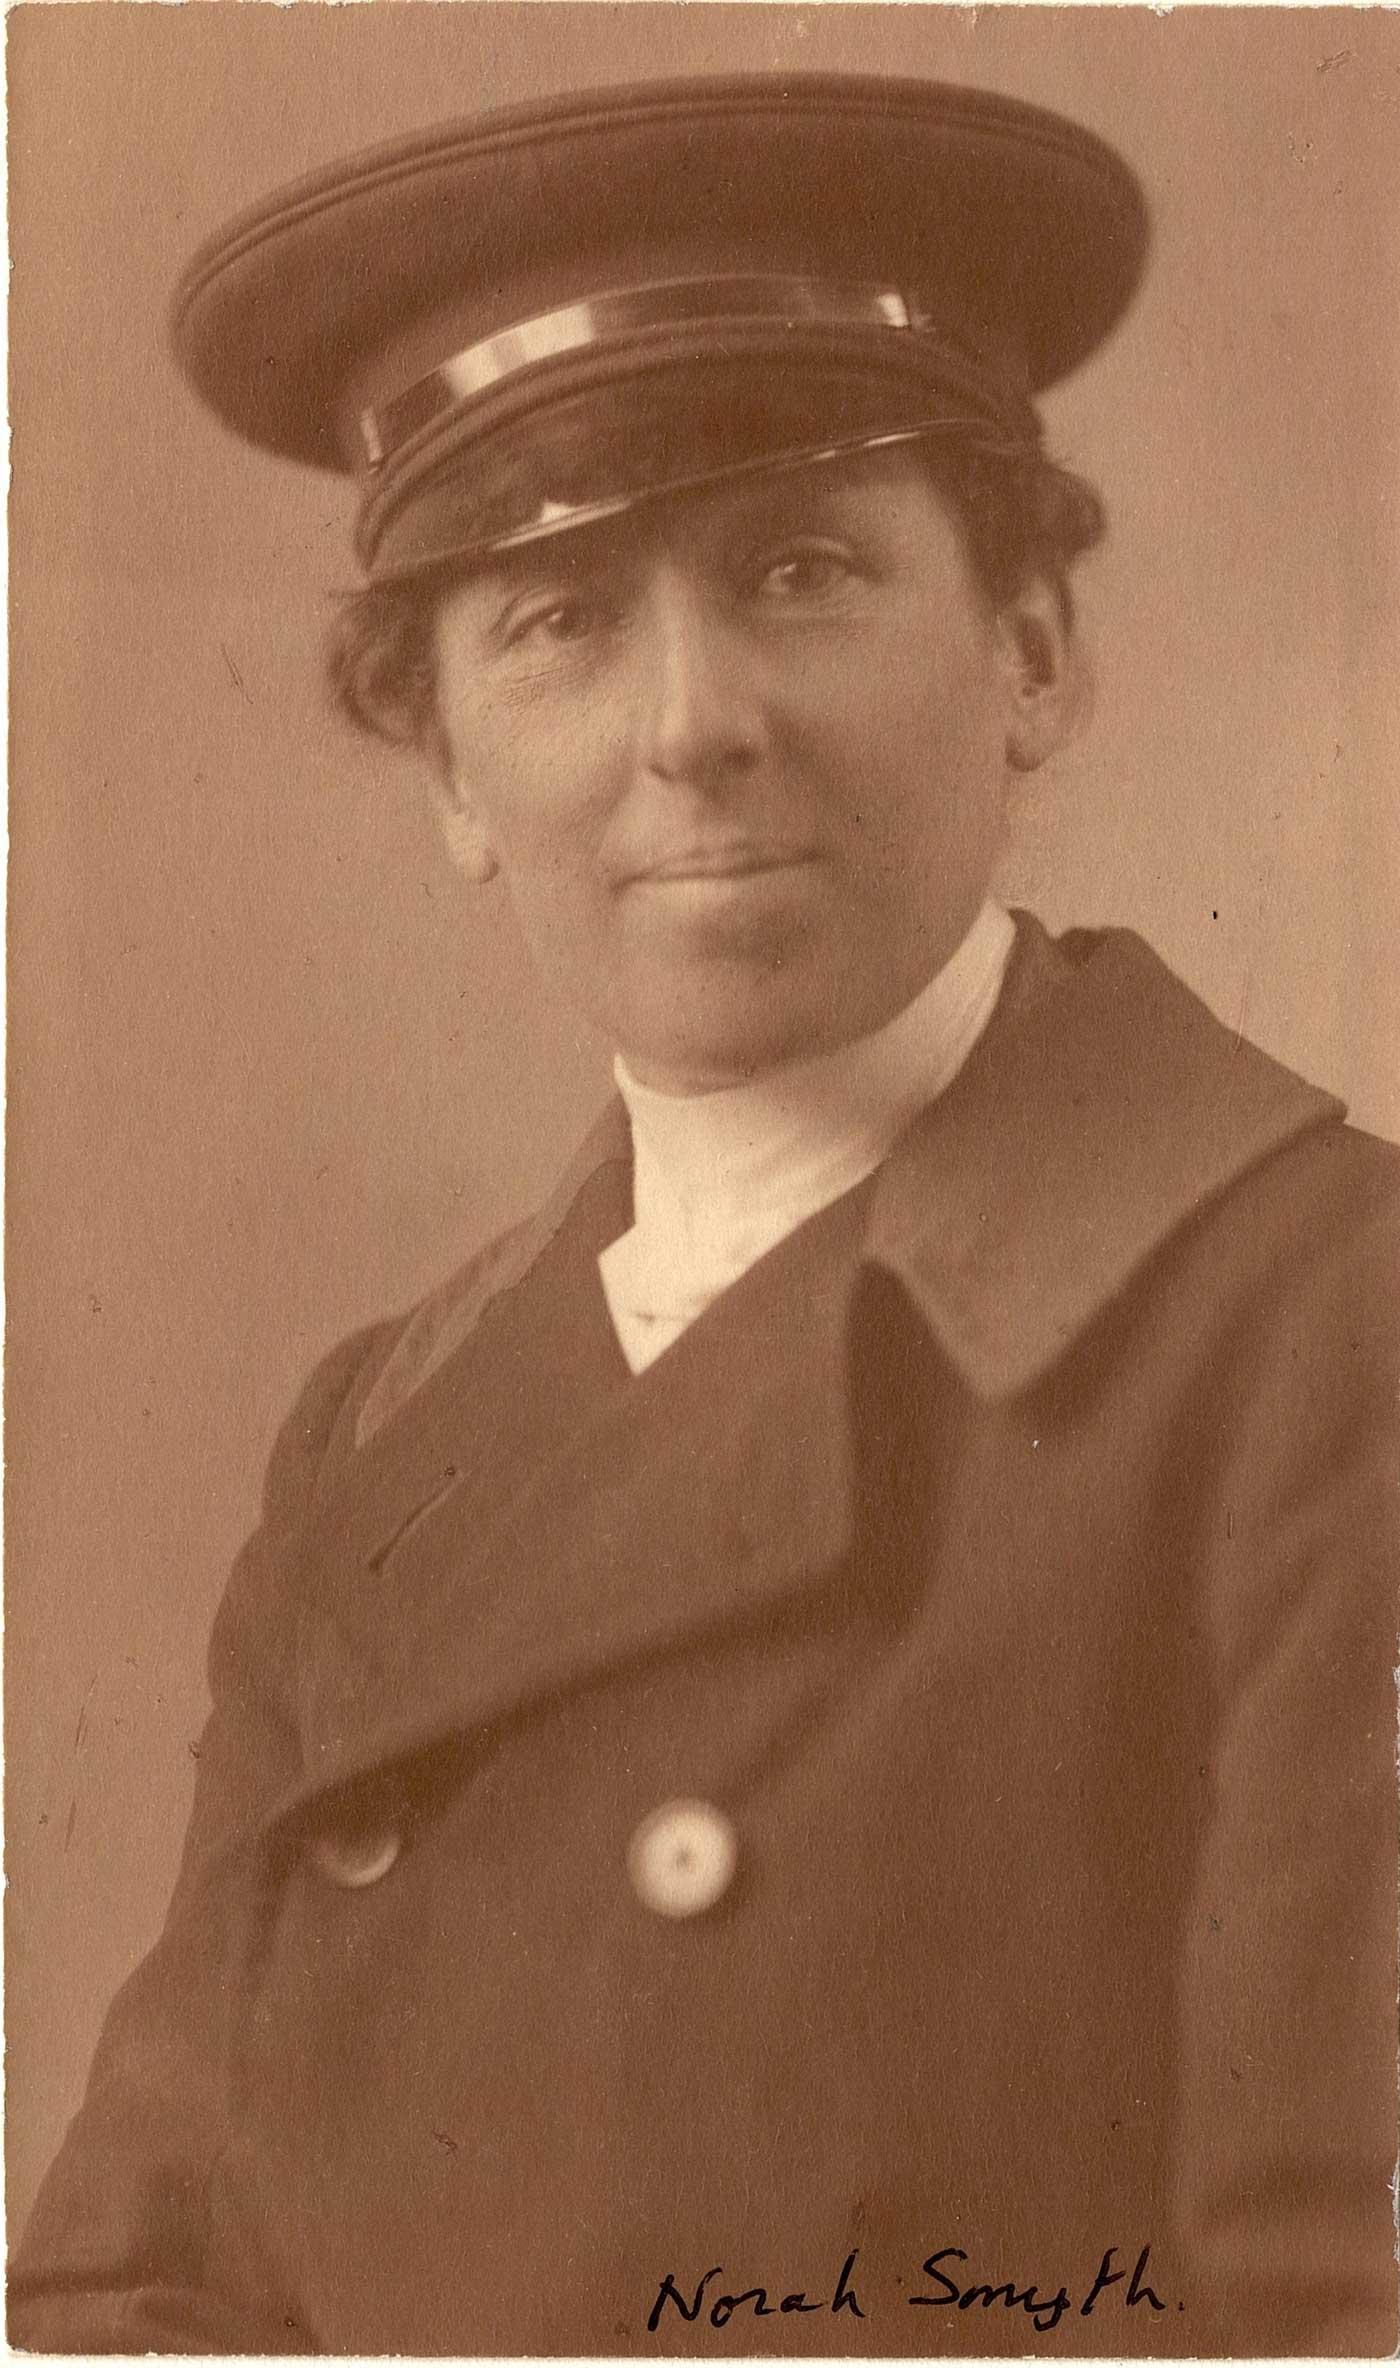 Norah Lyle Smyth